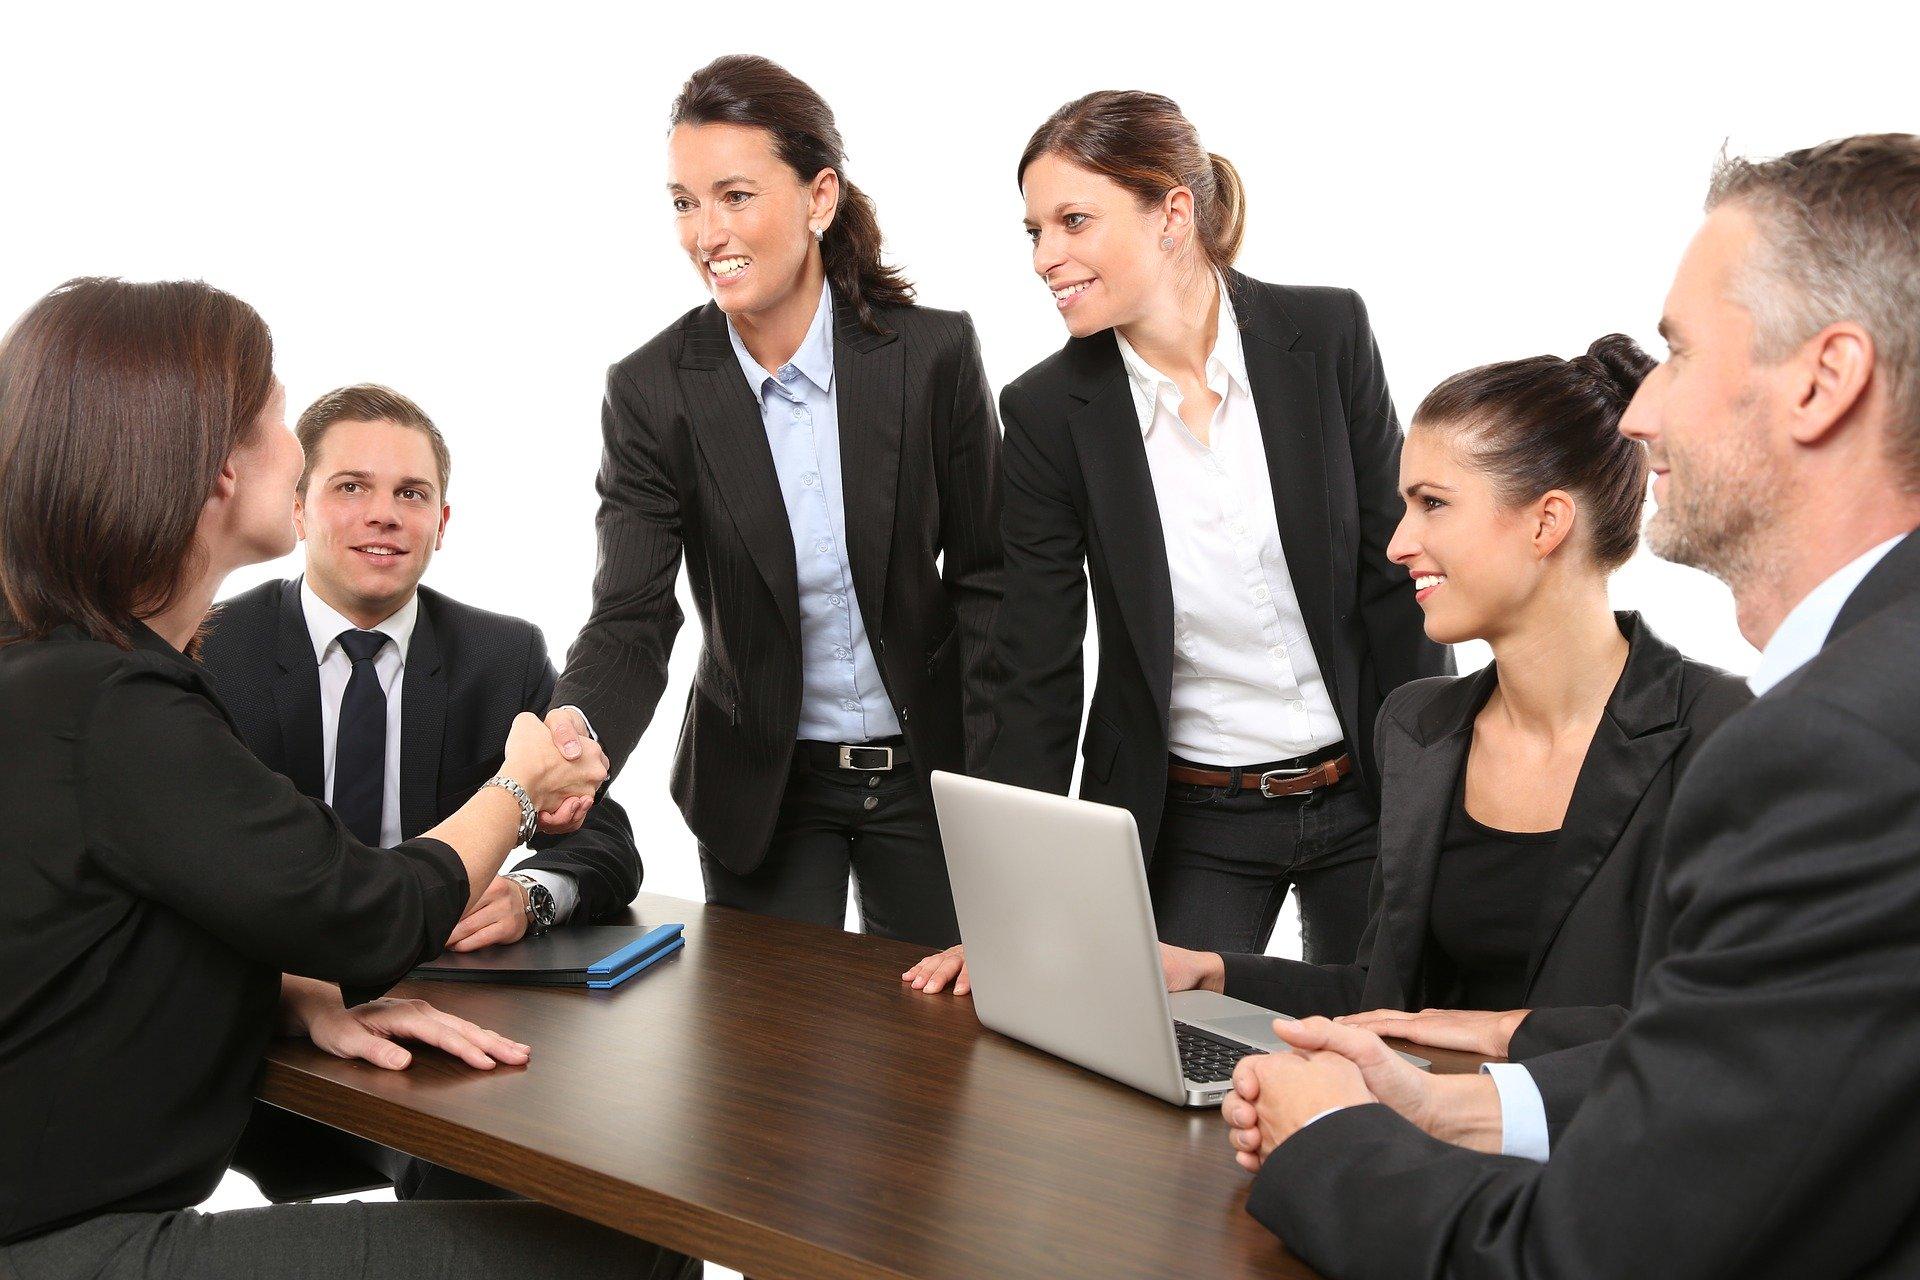 Competenze di Base, Soft Skills e Mercato del Lavoro